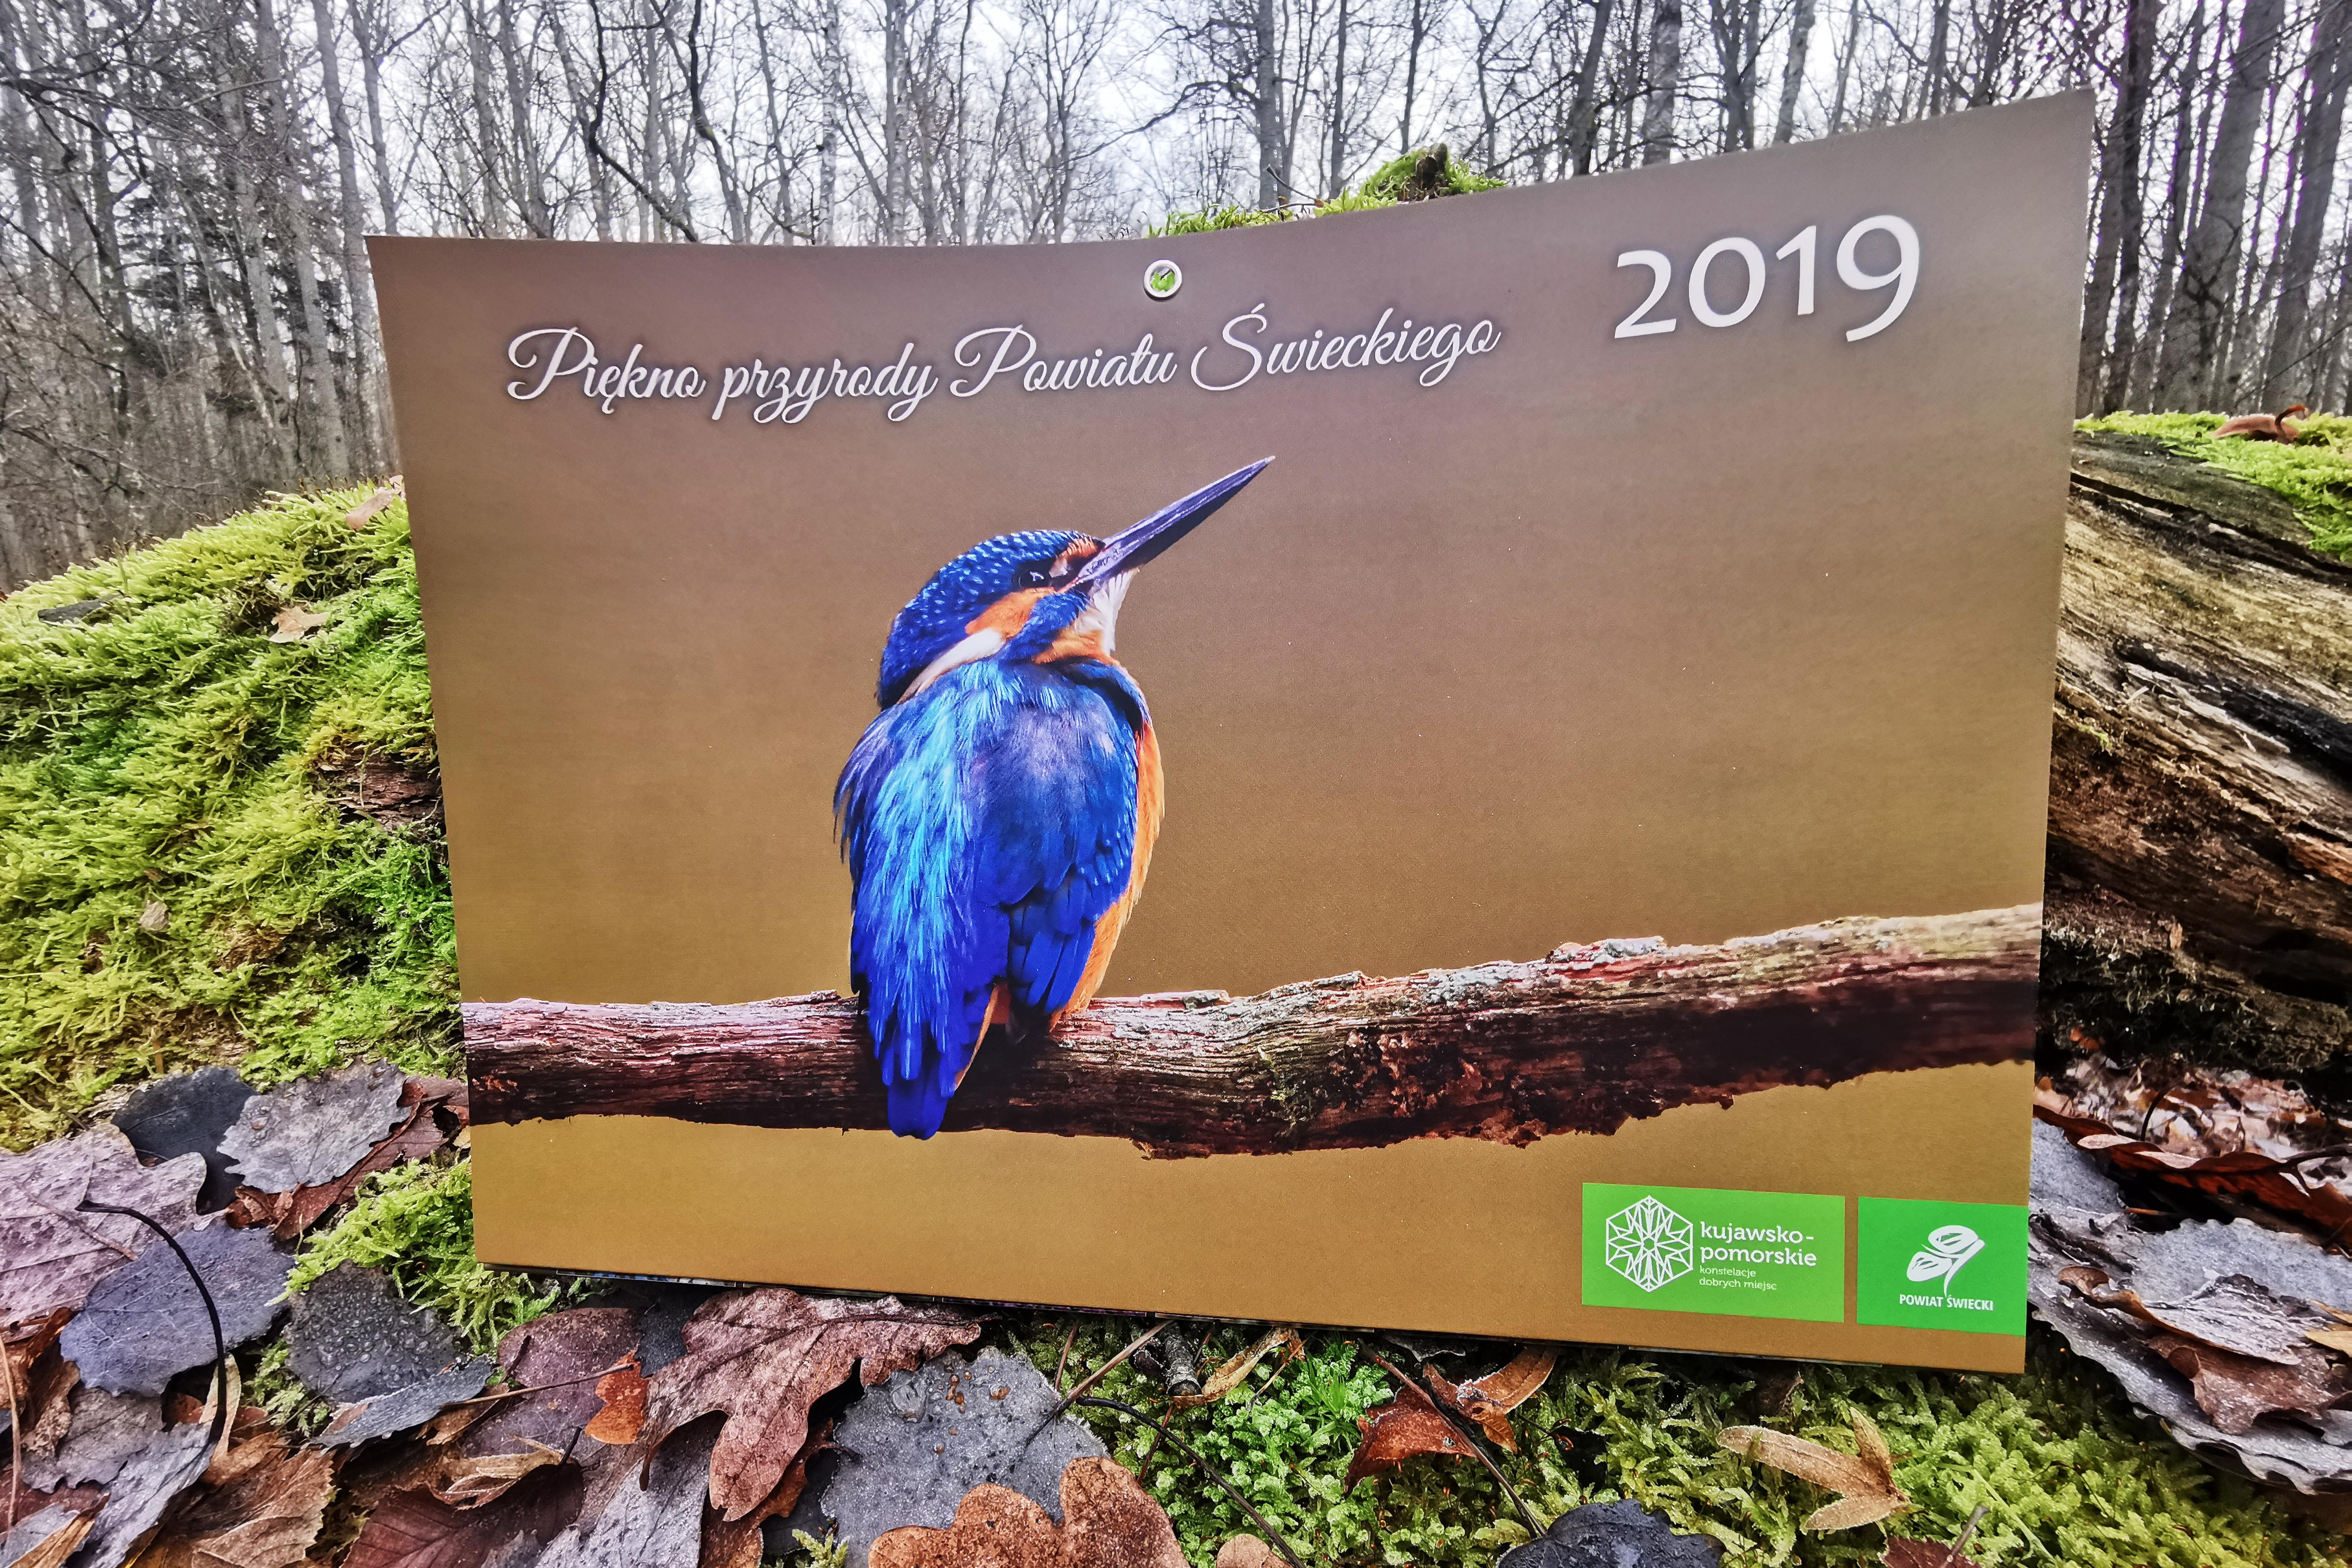 Kalendarz Powiat Świecki - 2019